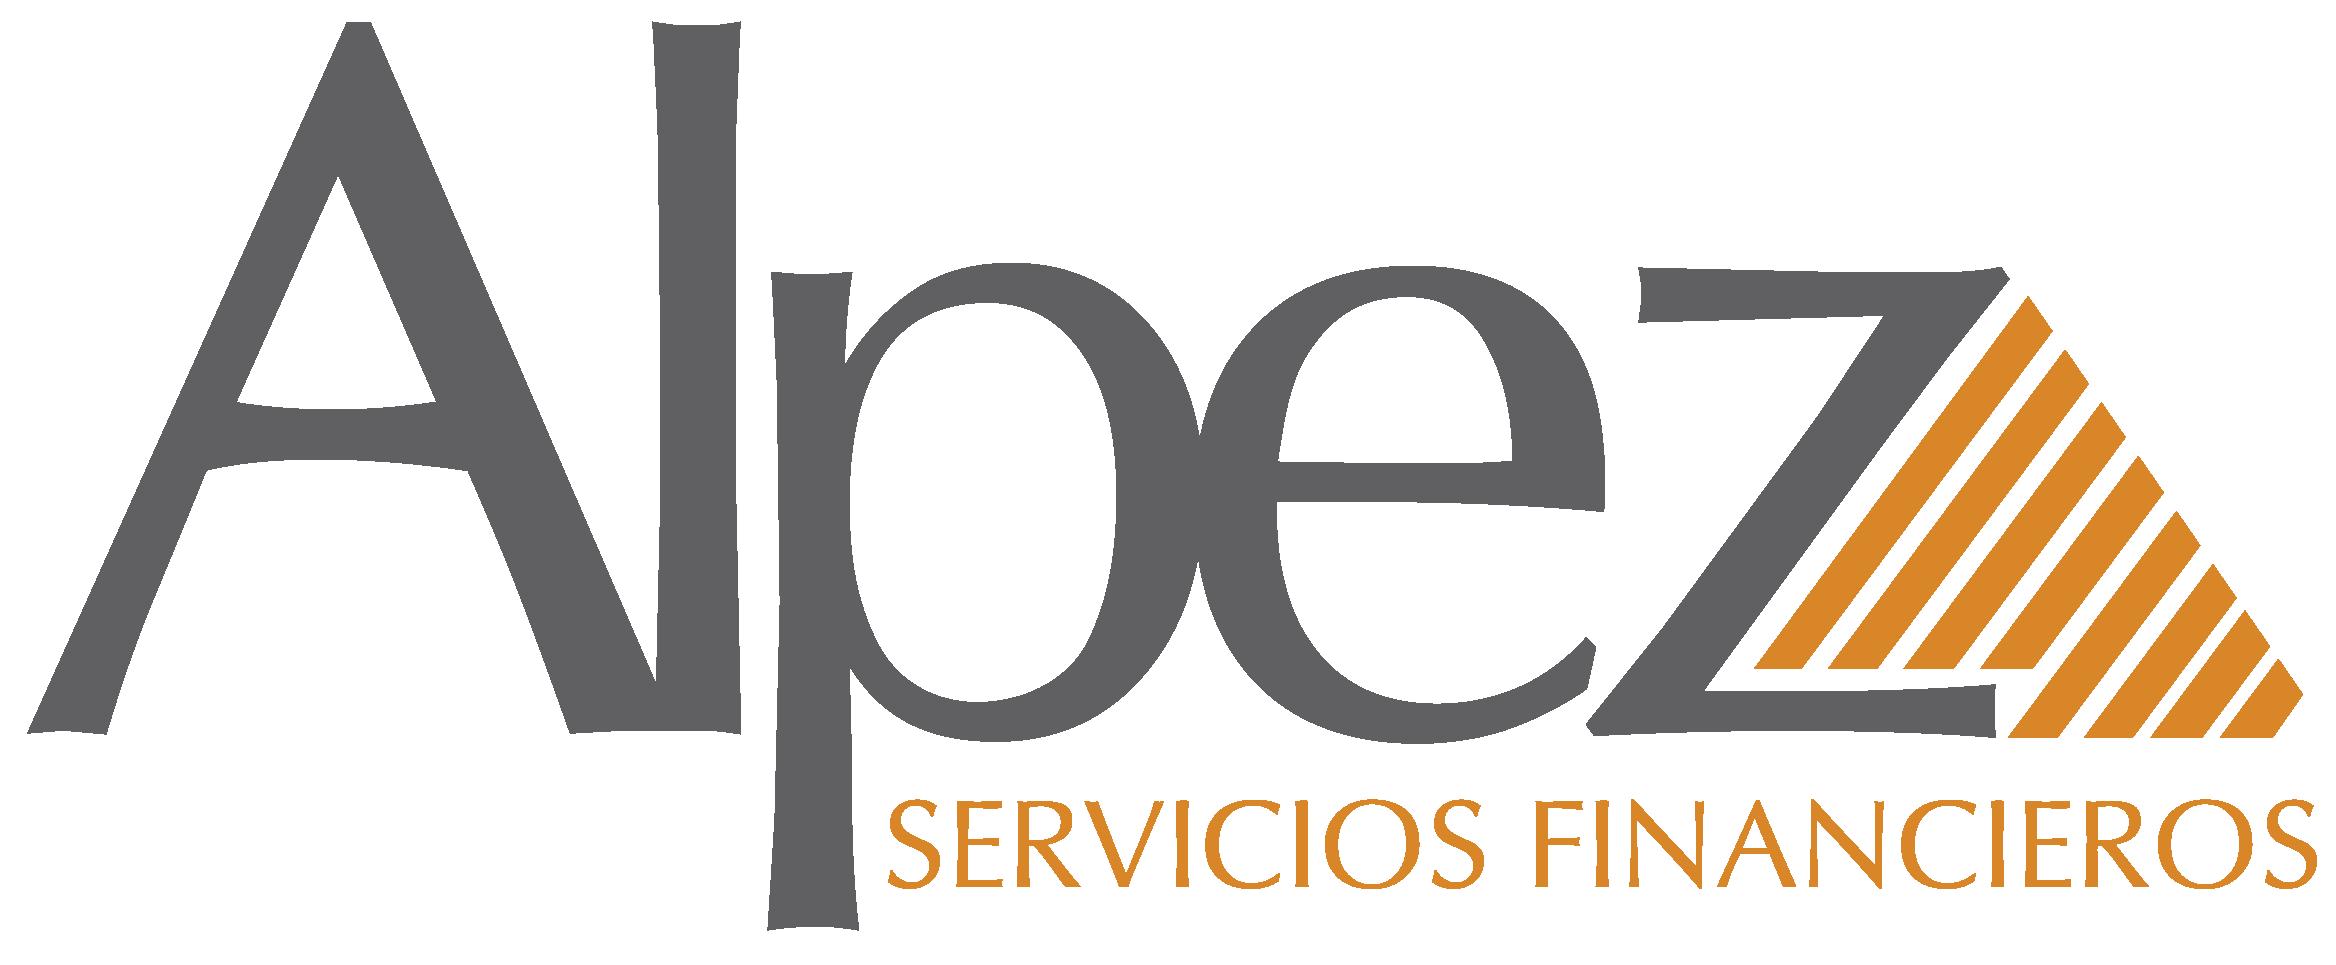 logo Alpez servicios financieros